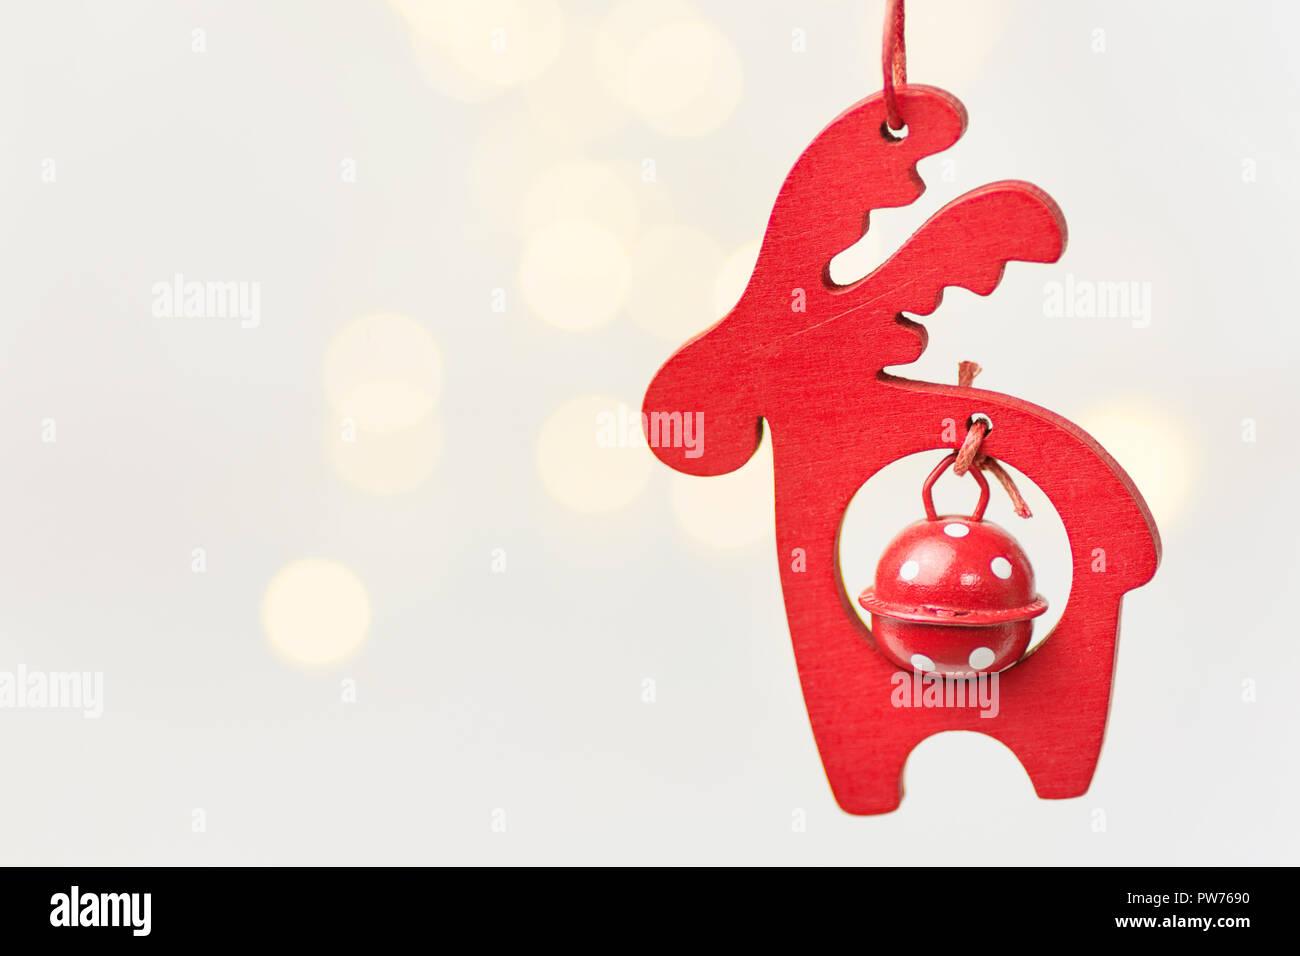 Legno ornamento di Natale cervi rossi con campana appesa su sfondo bianco con golden garland bokeh luci. Colori pastello. Magica atmosfera di vacanza. Cl Immagini Stock